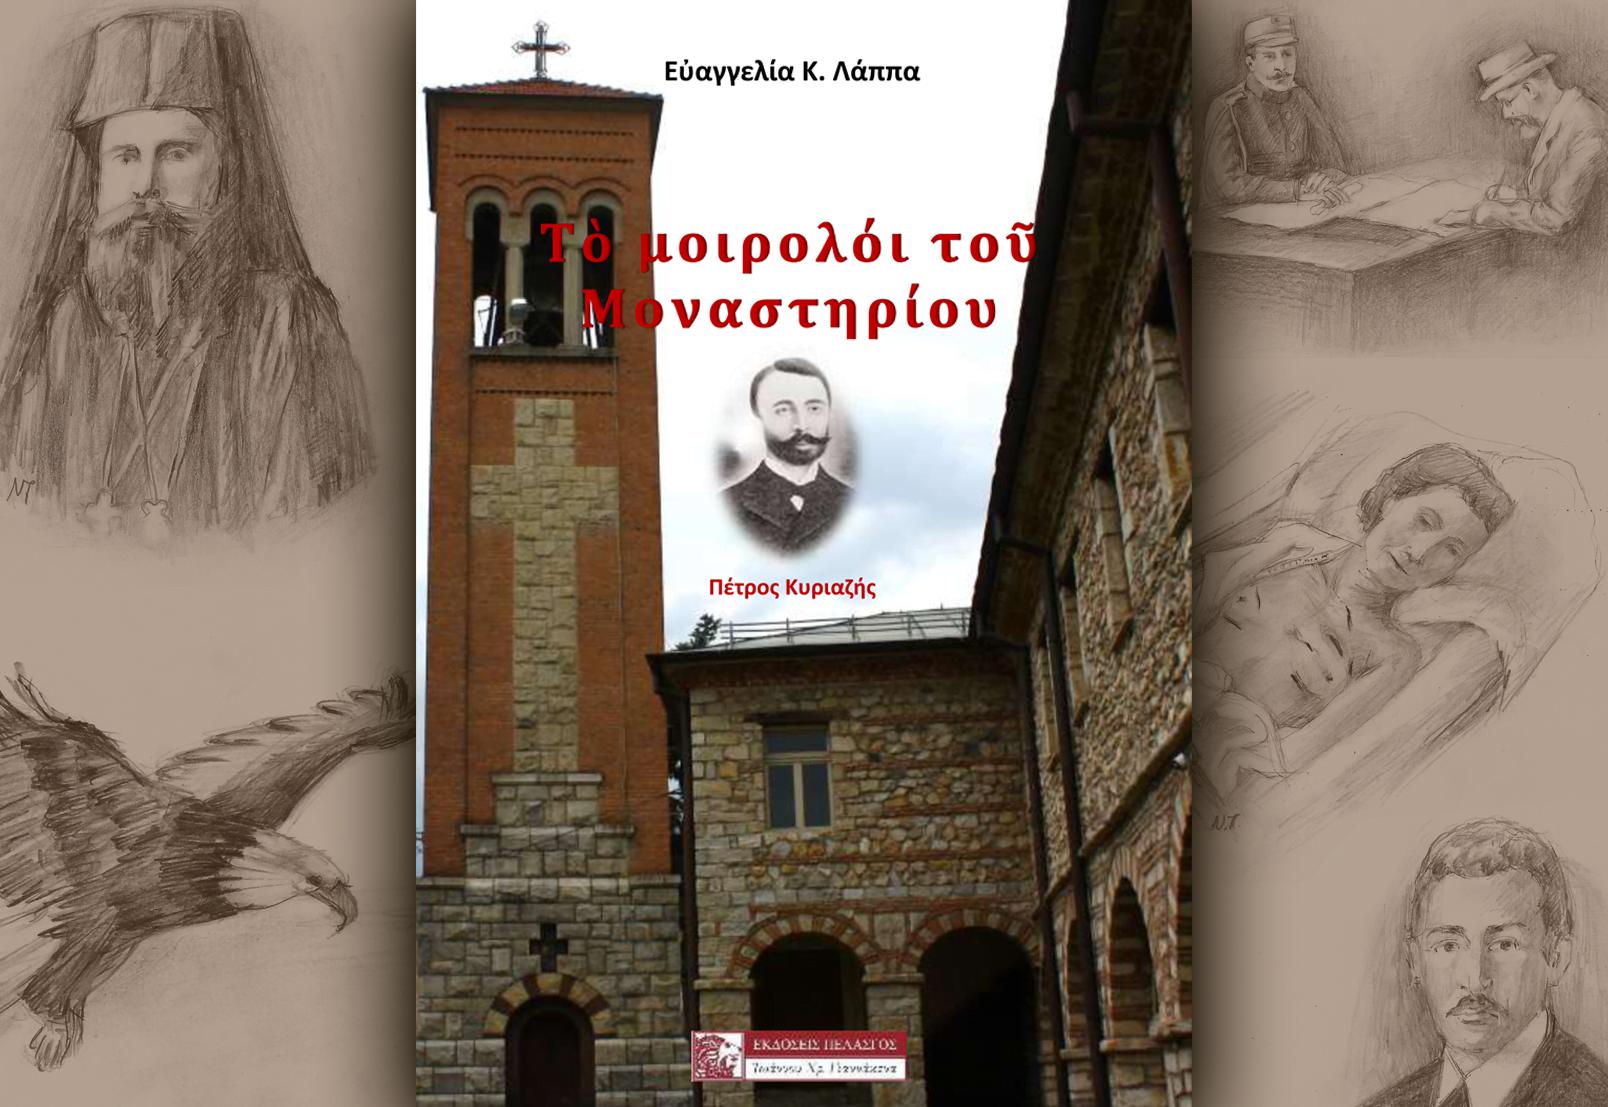 Το μοιρολόι του Μοναστηρίου! Tο νέο βιβλίο της μαθήτριας Β' Λυκείου, Ευαγγελίας Λάππα